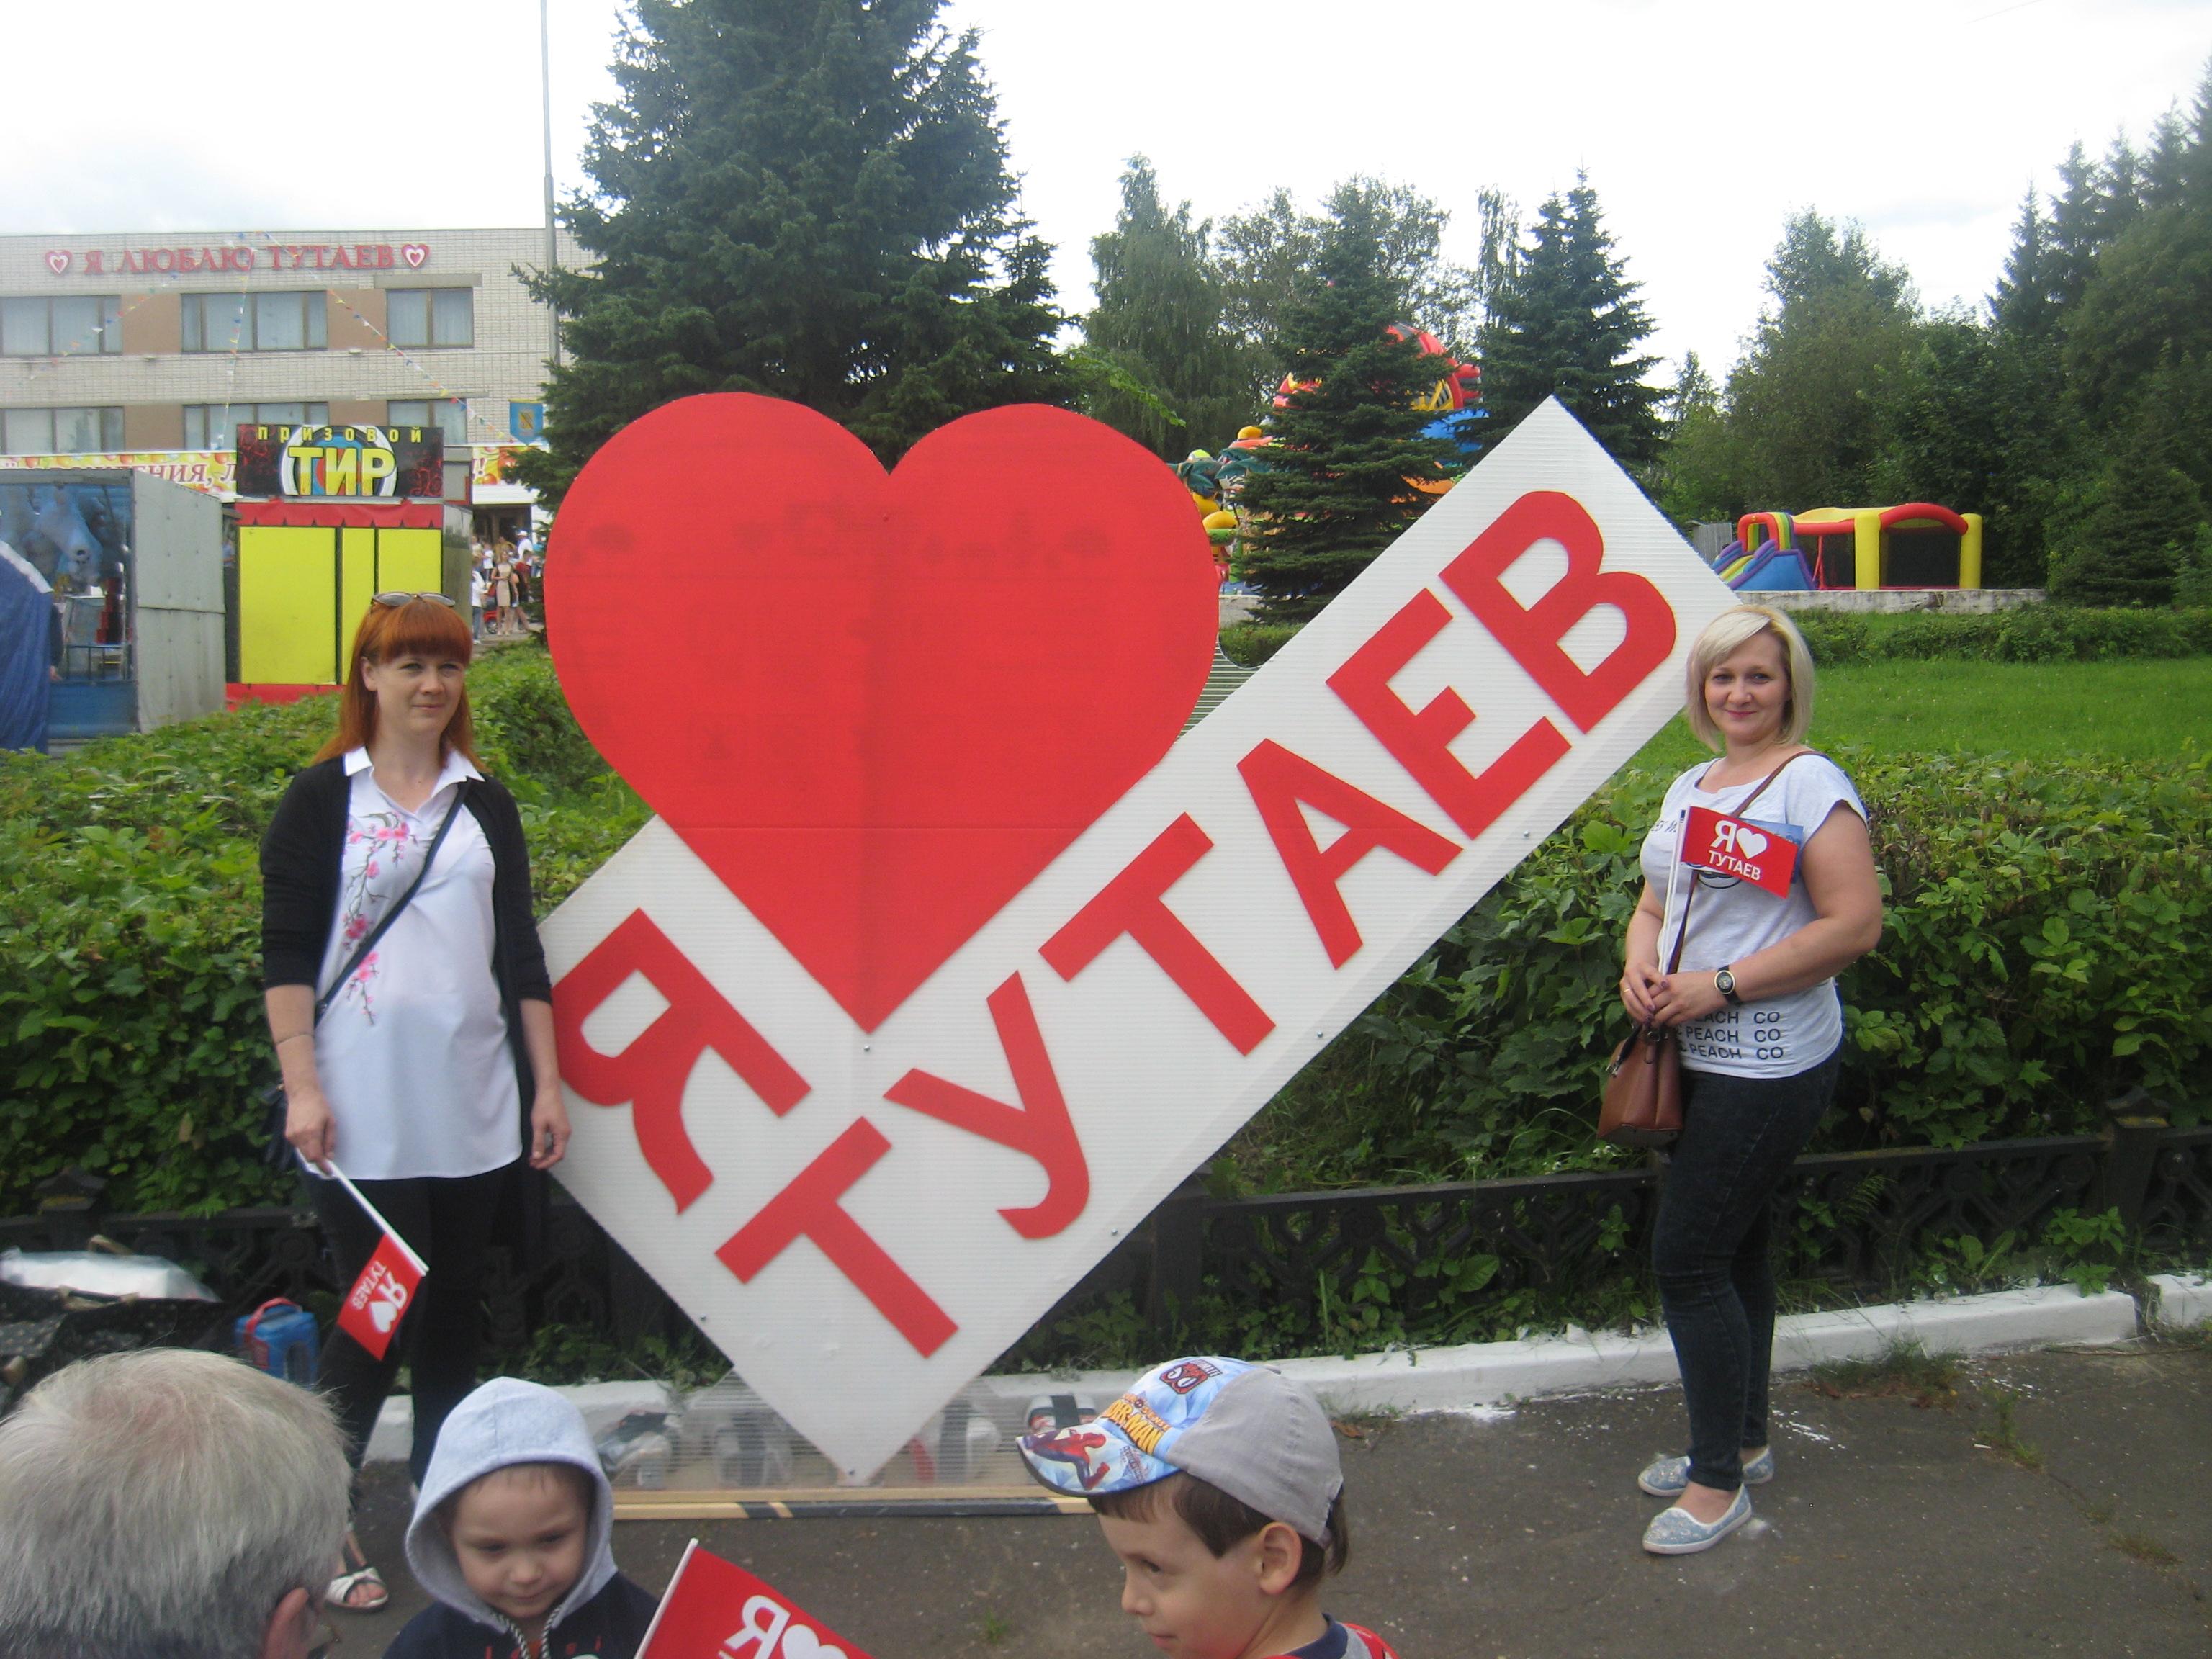 Итоговое рассмотрение законопроекта о переименовании Тутаева запланировано на весеннюю сессию Госдумы